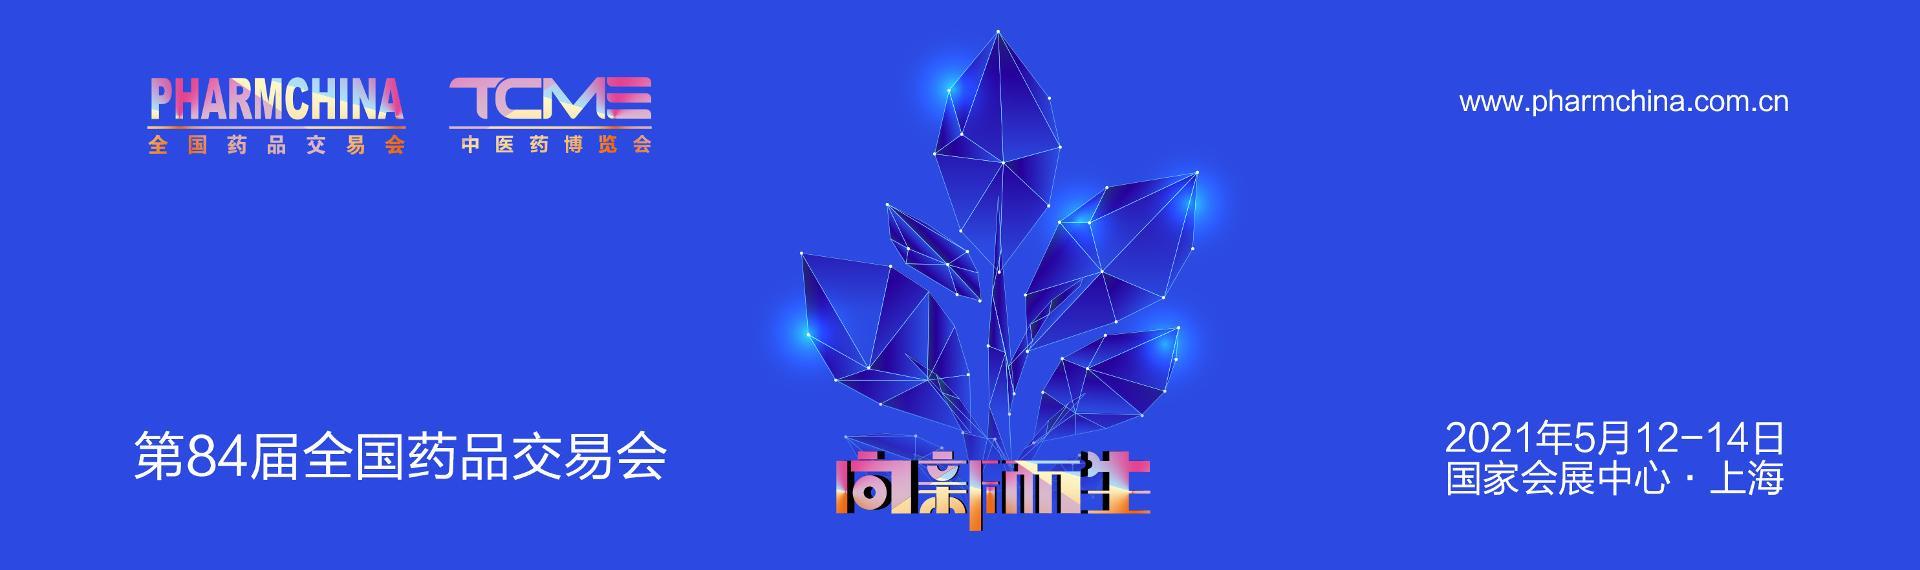 2021第84届全国药品交易会(上海)横幅banner